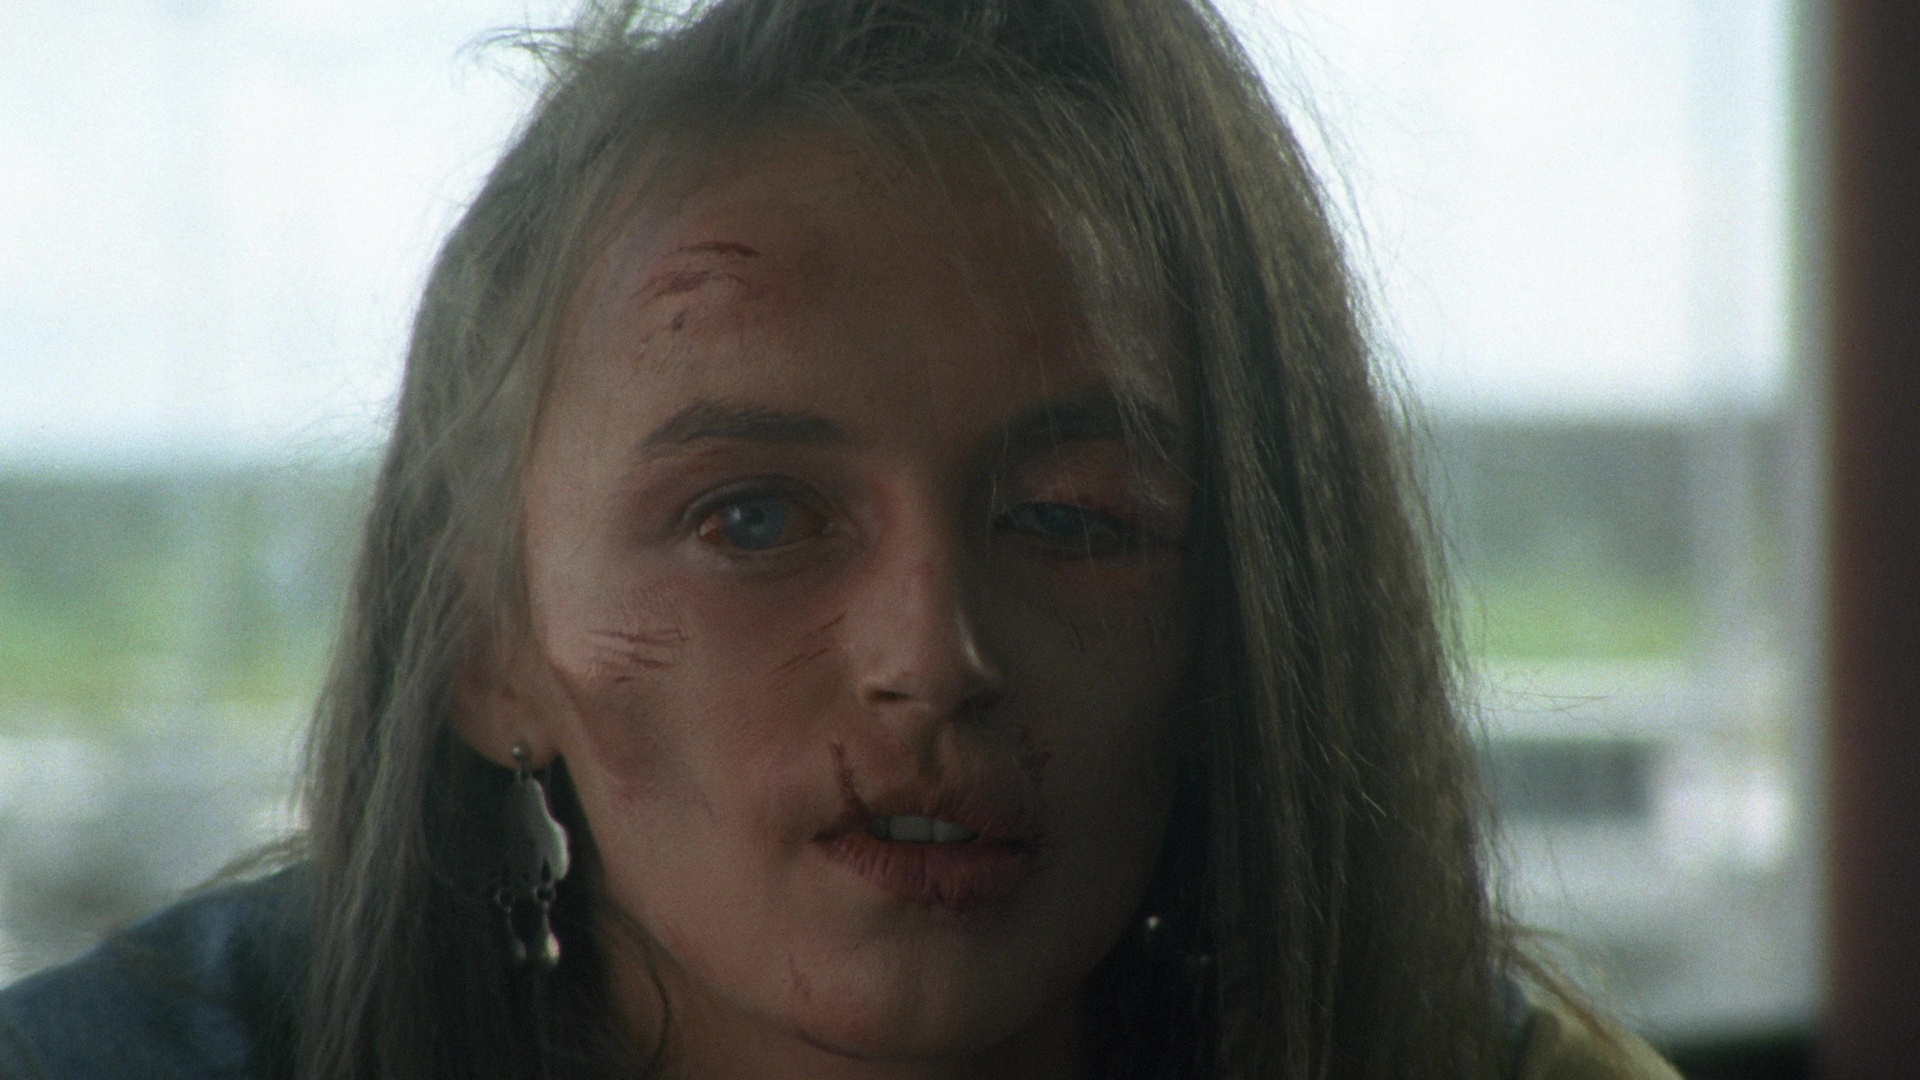 Regina Gaigalas undressing teen